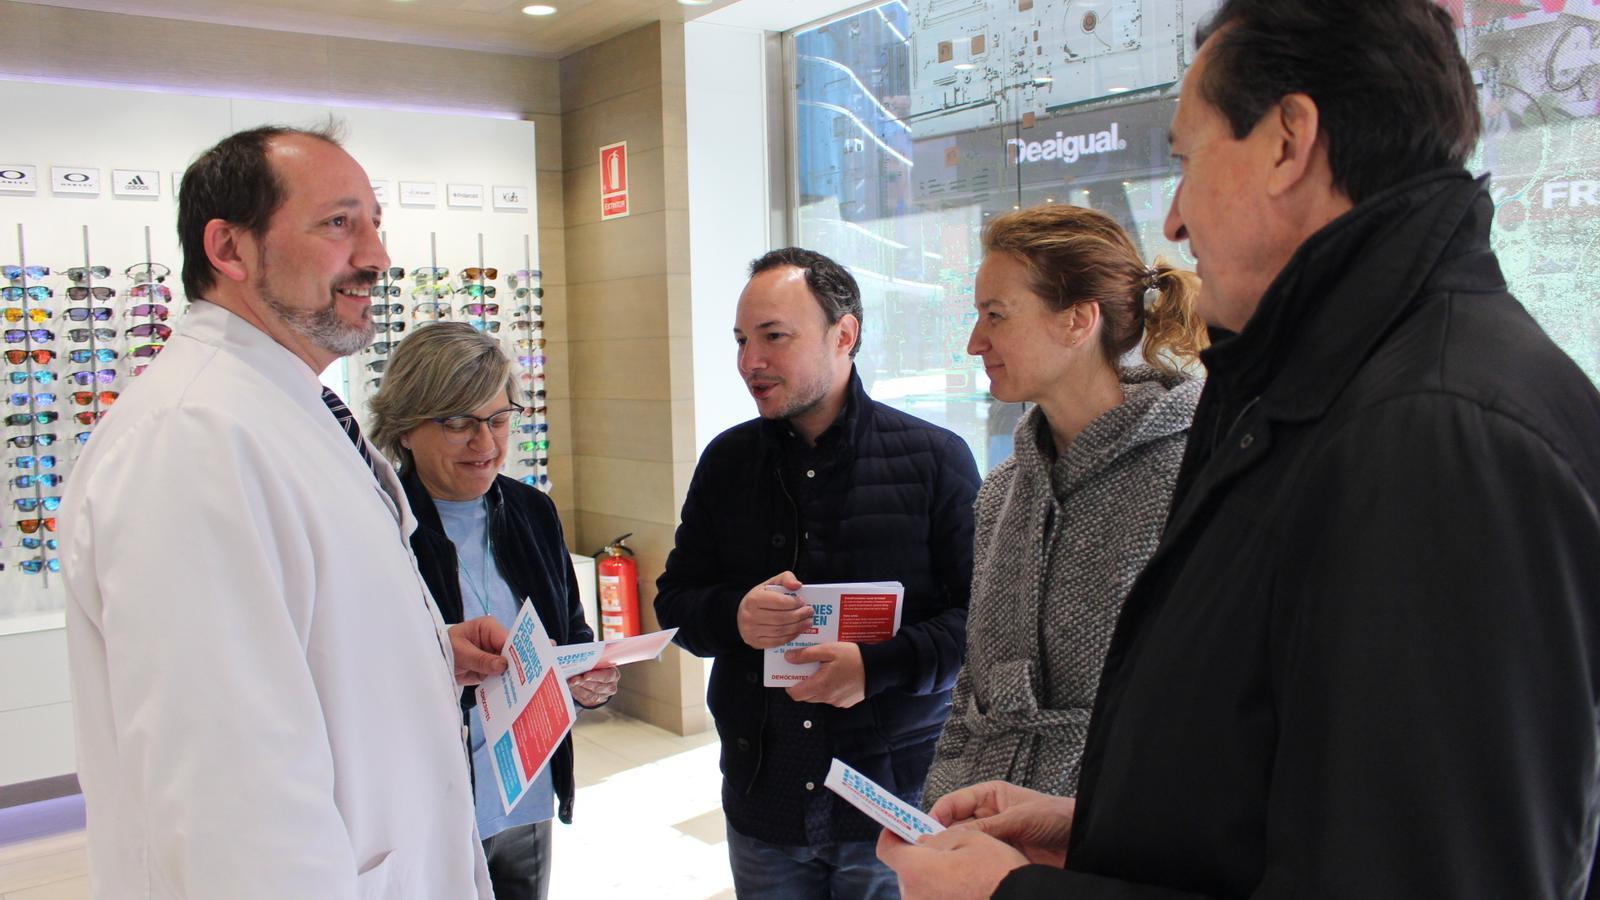 El candidat demòcrata durant la visita als als comerciants d'Andorra la Vella i Escaldes-Engordany. / DA